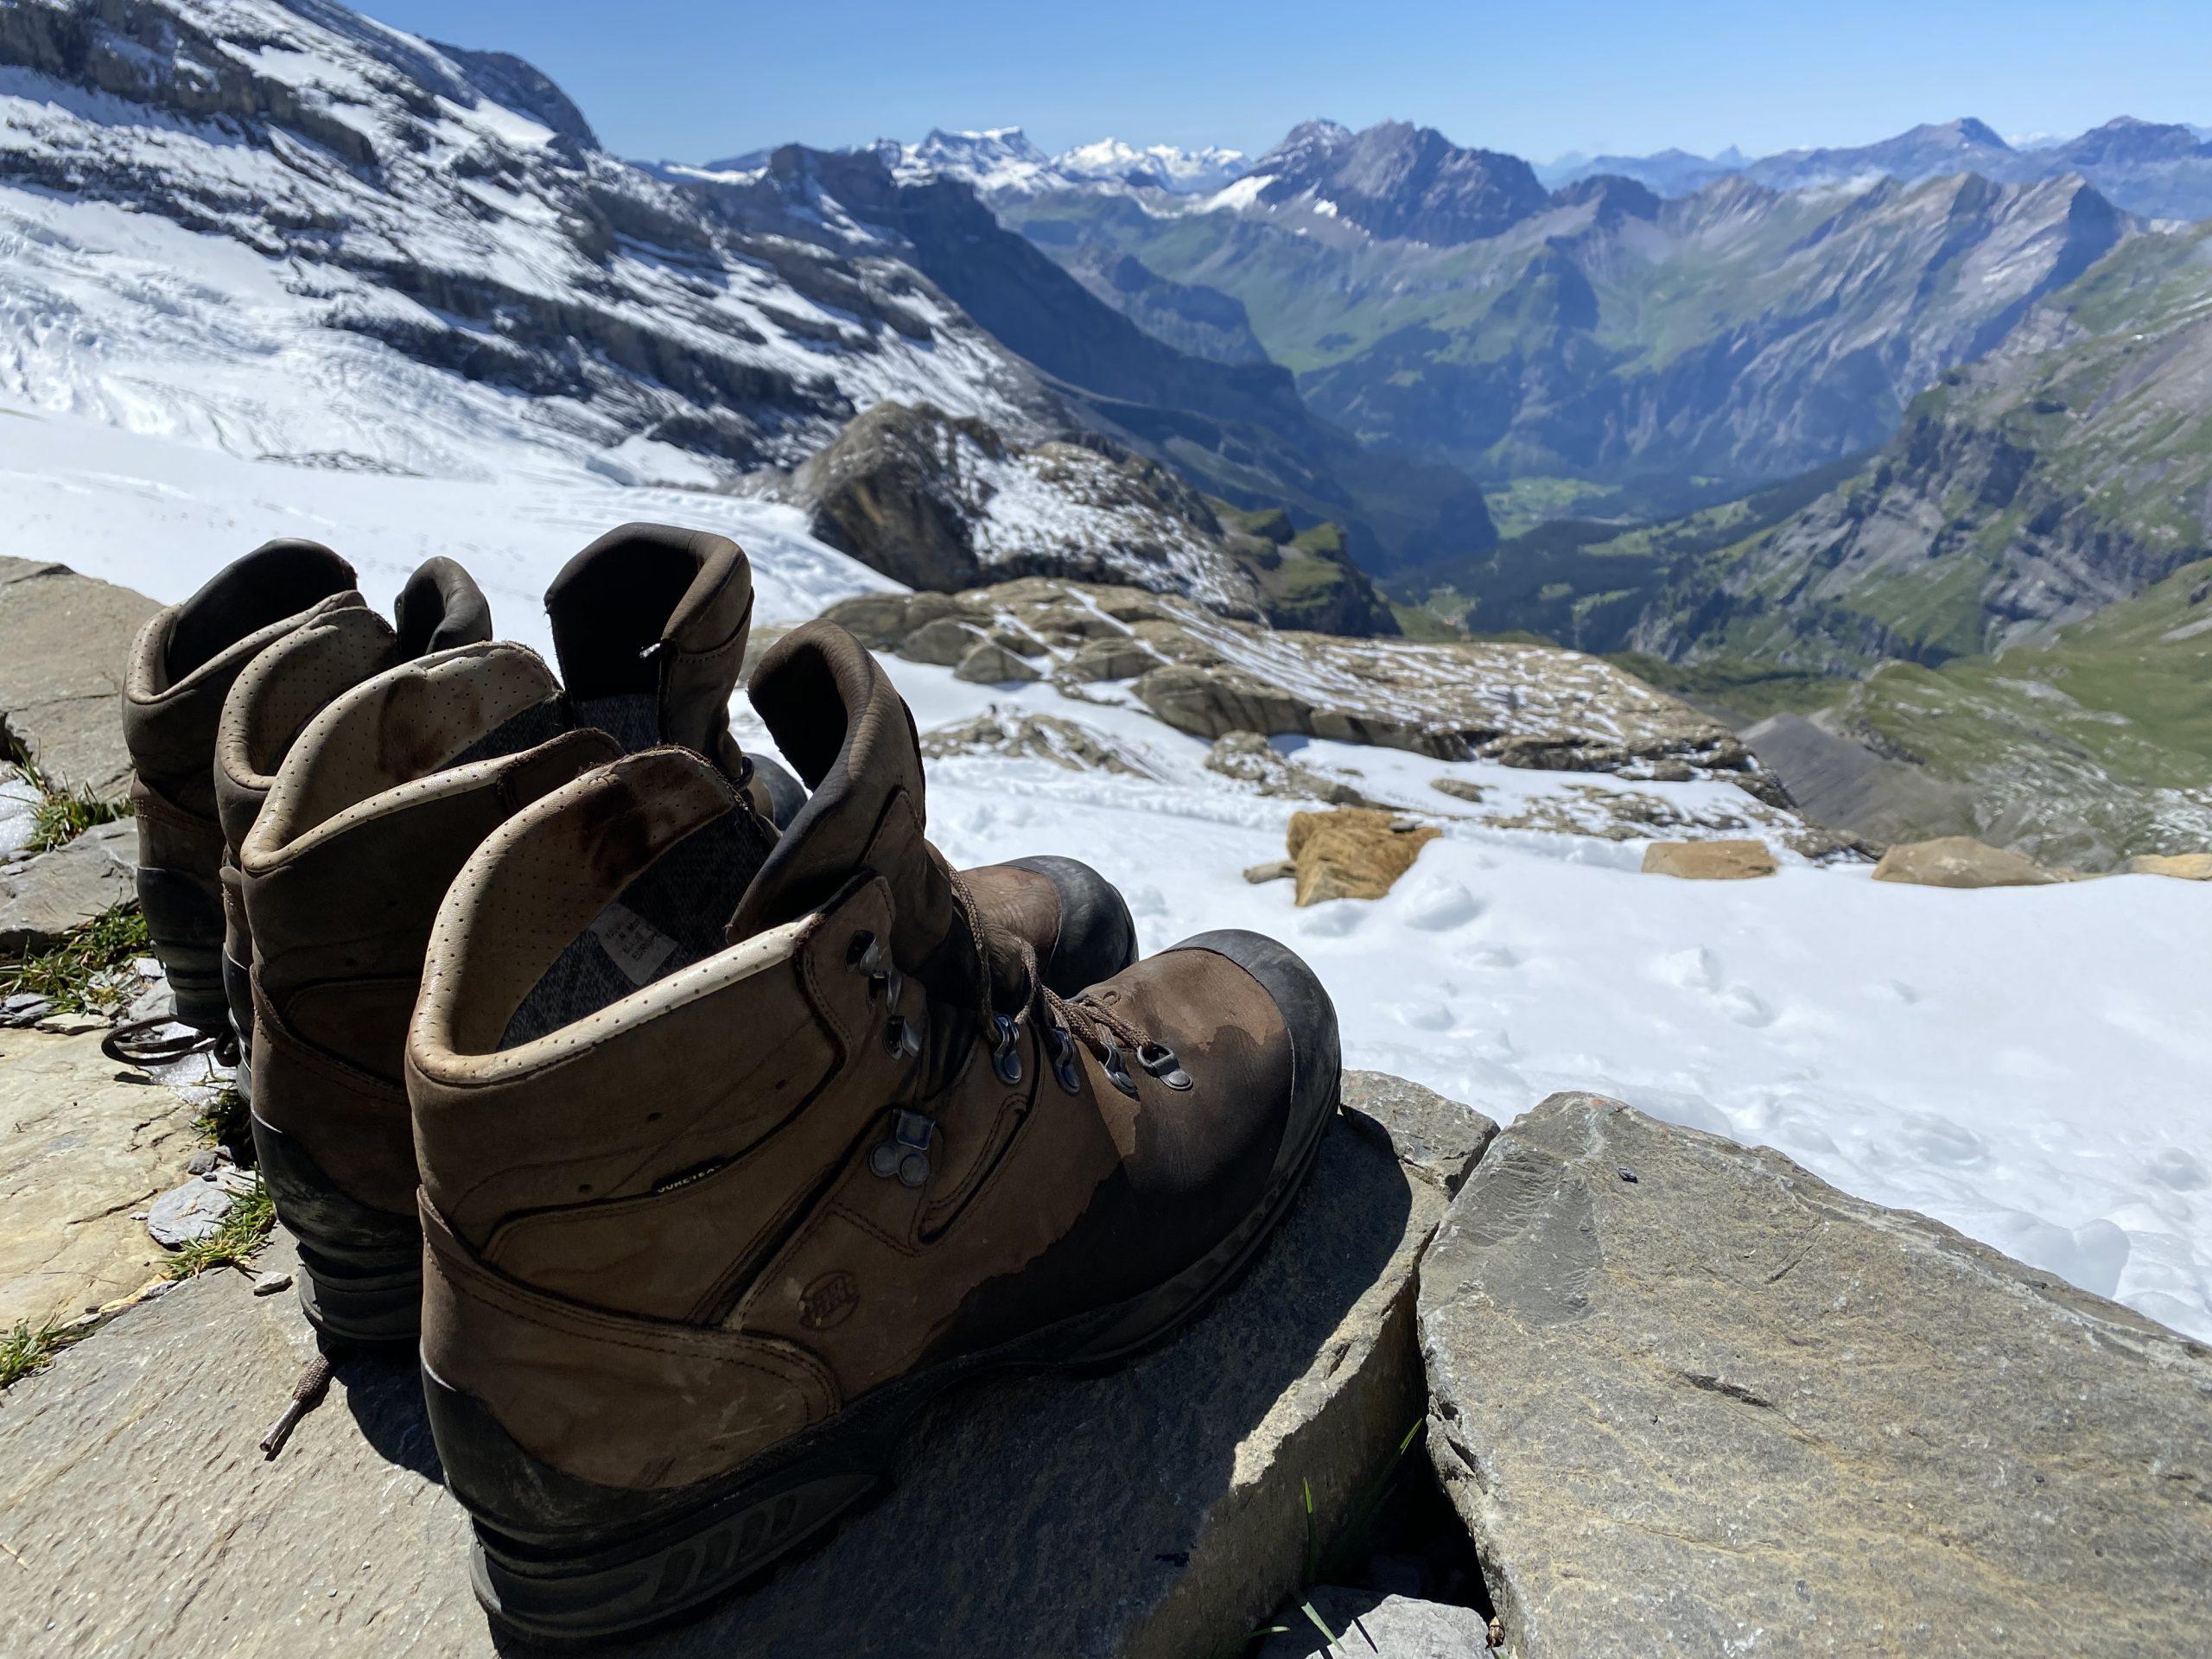 Schoenen staan op de rand van het terras met de bergen op de achtergrond